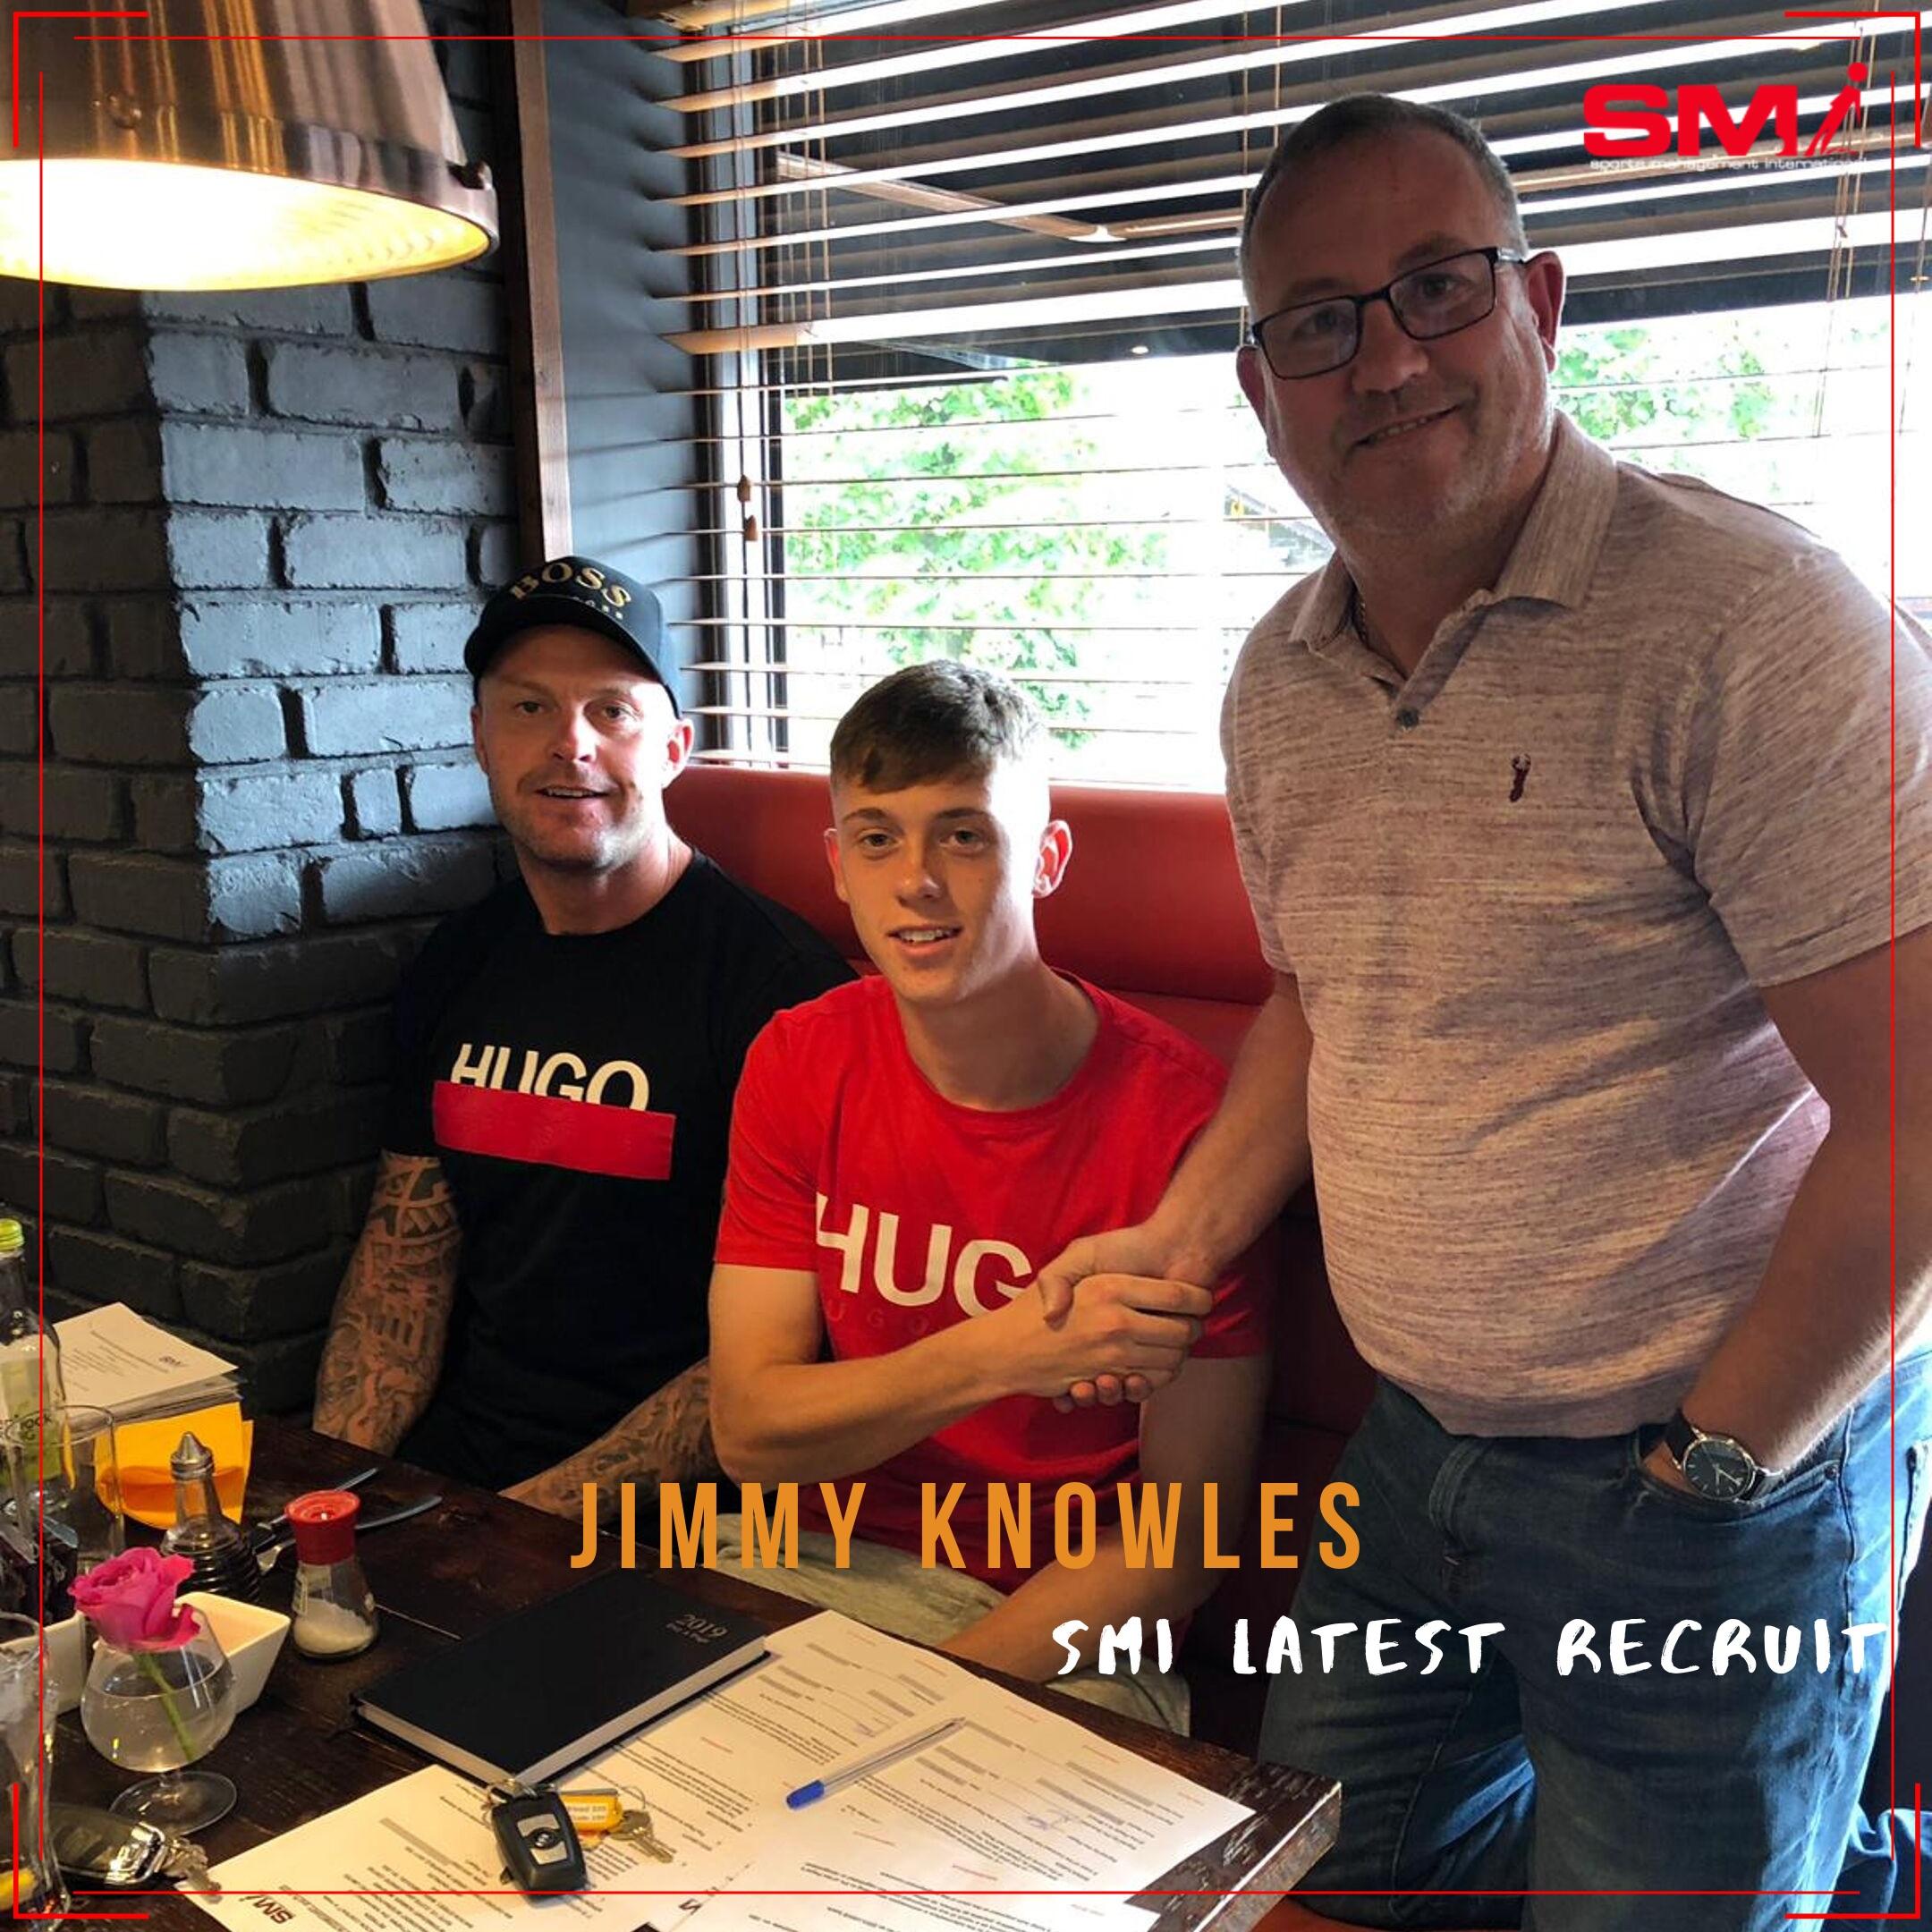 Jimmy Knowles SMI new recruit